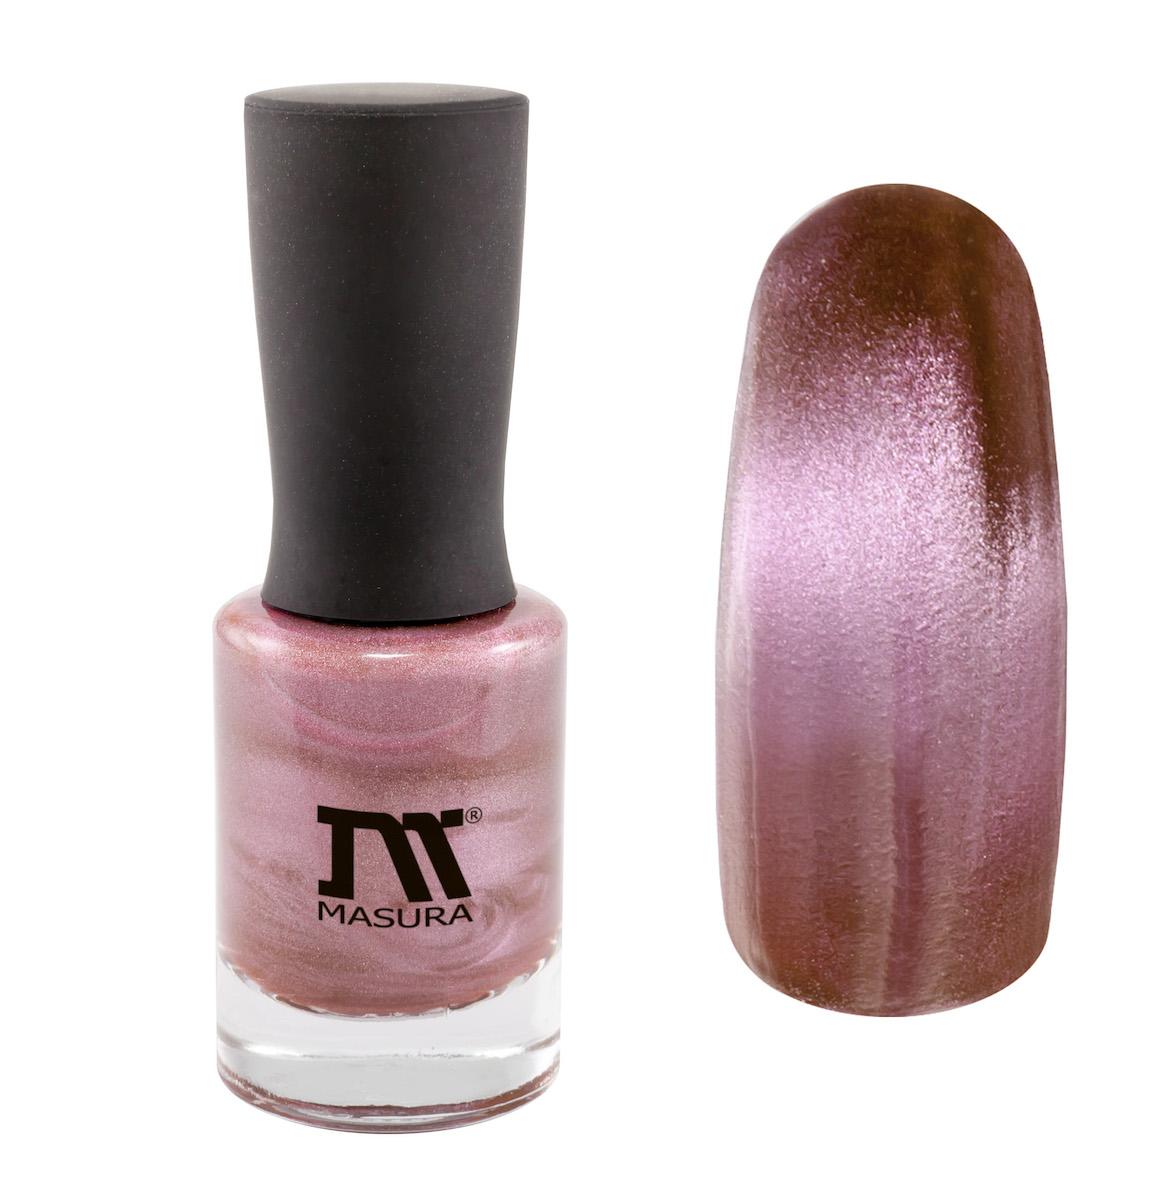 Masura Лак для ногтей Турмалин Страсти, 11 мл904-172нежно-розовый, с бежевым подтоном, плотный